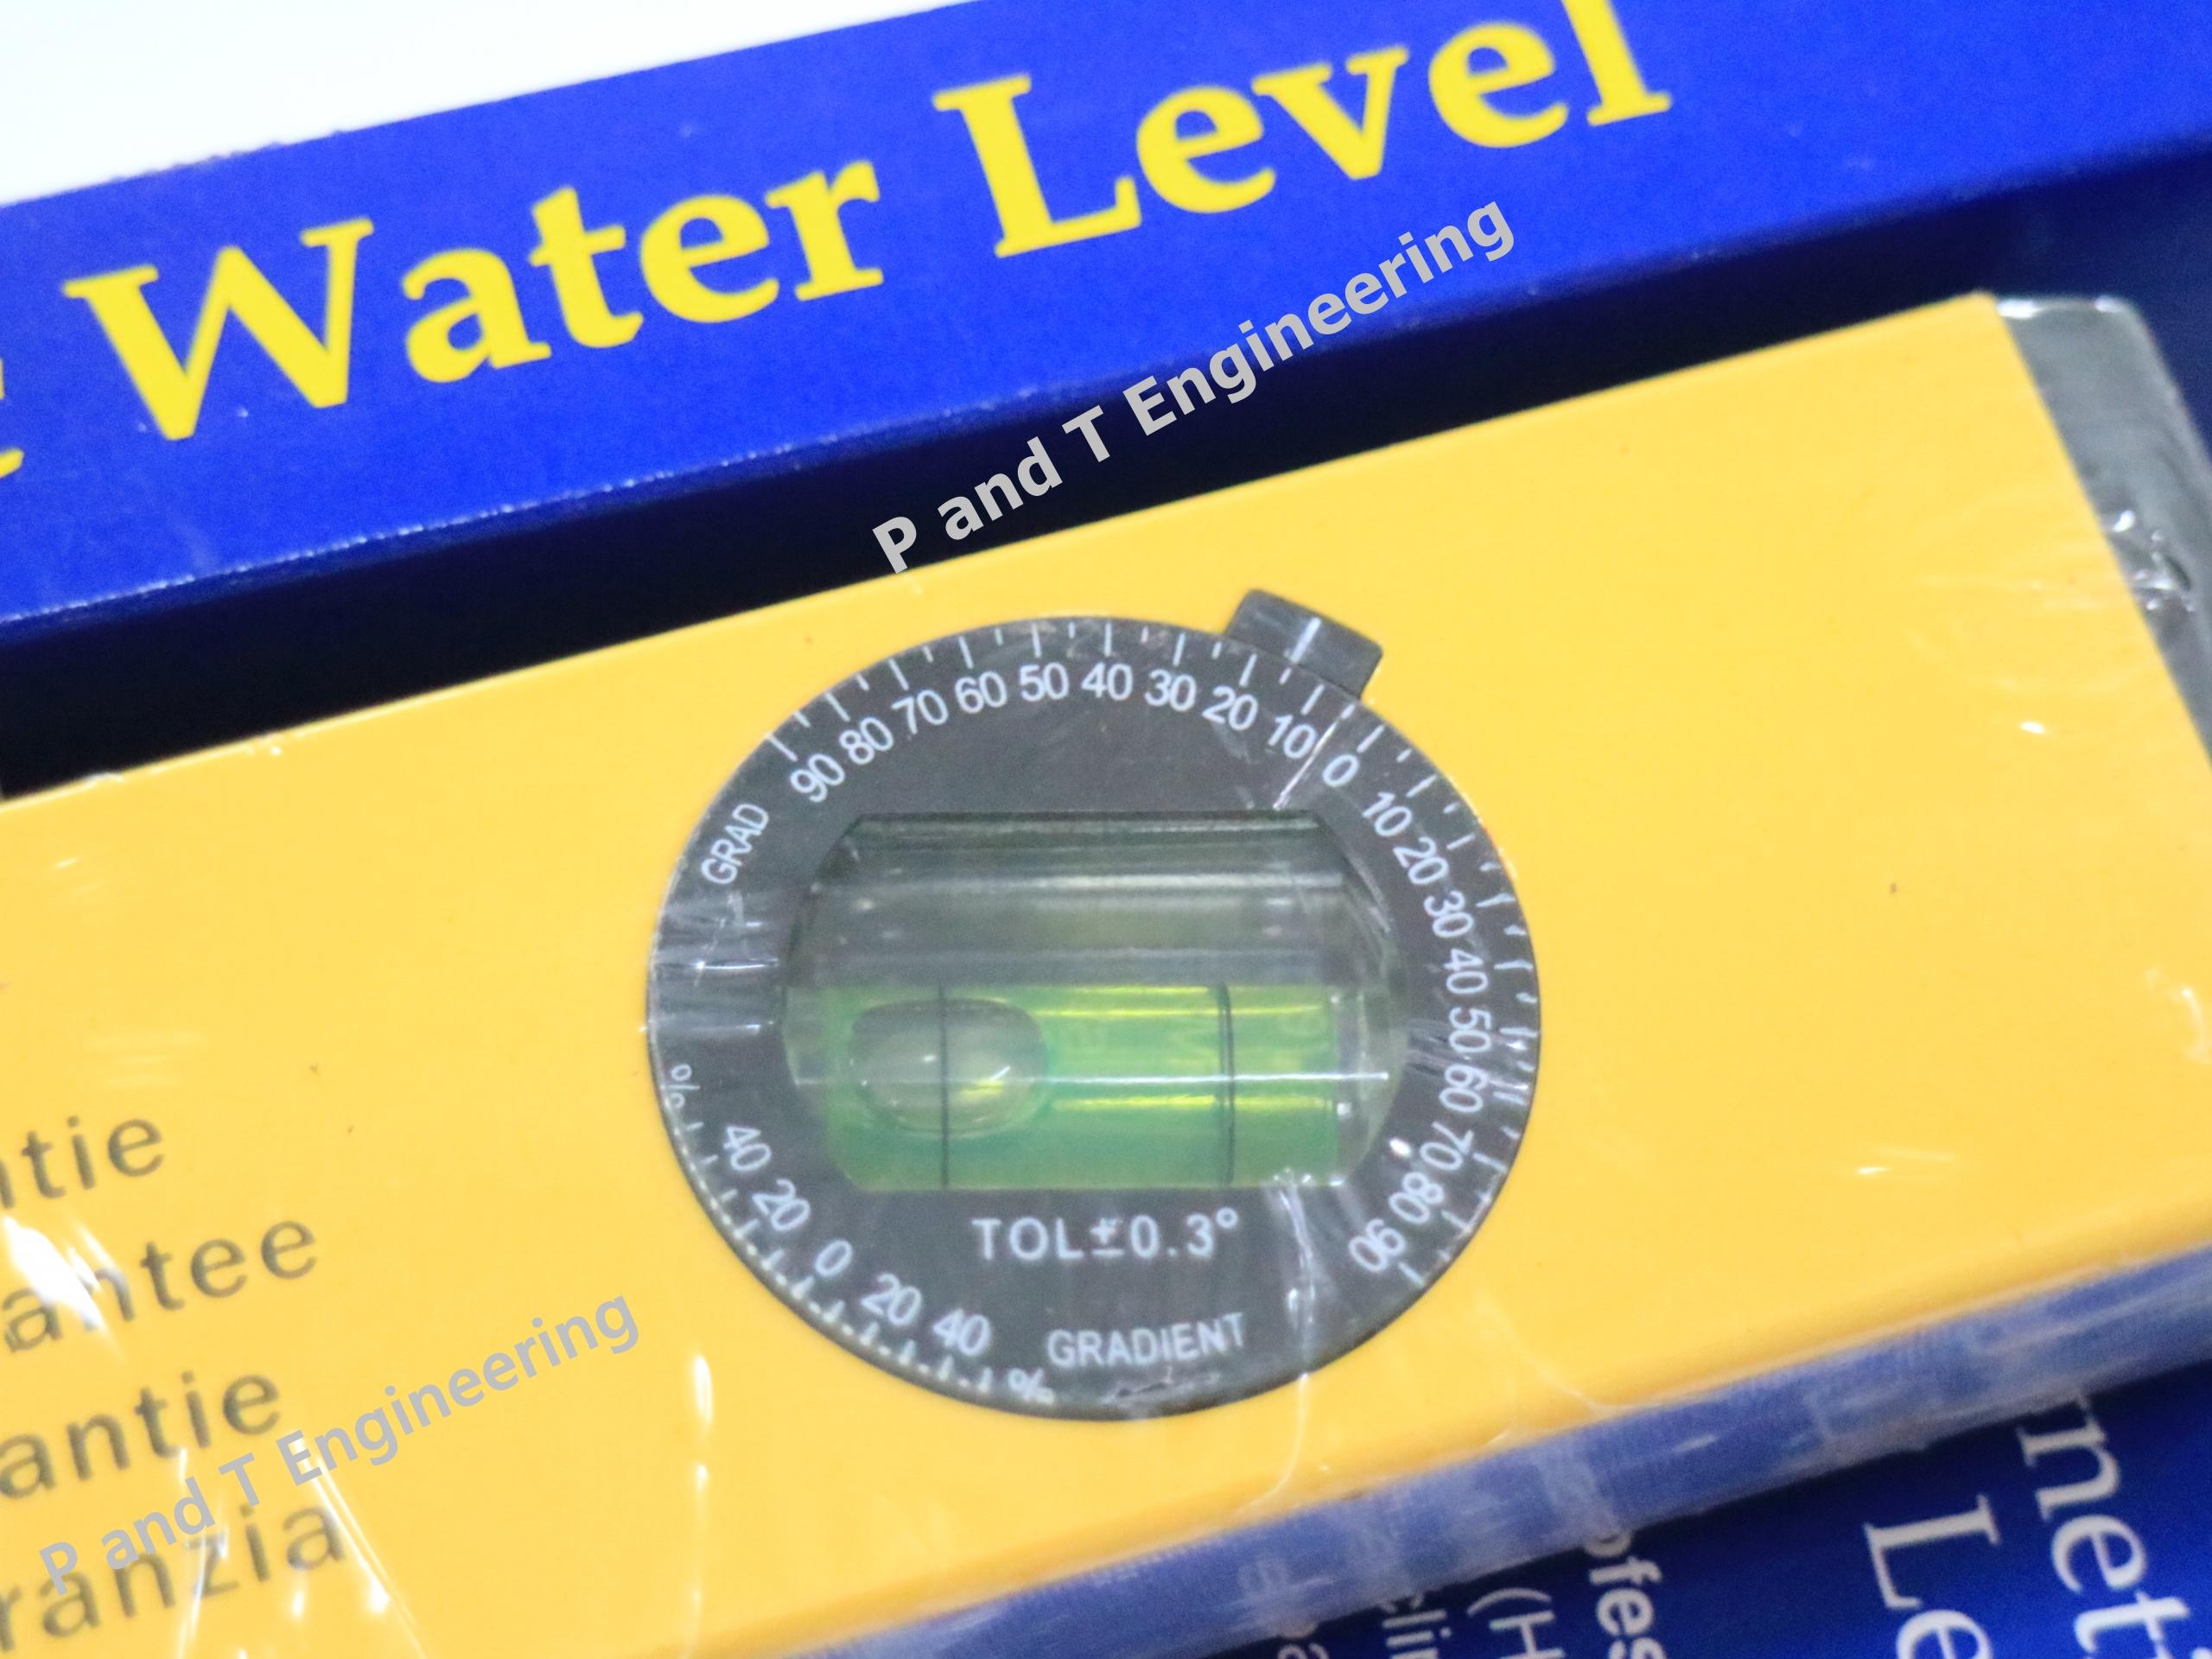 ระดับน้ำ รุ่นแถบแม่เหล็ก ความยาว 24 นิ้ว